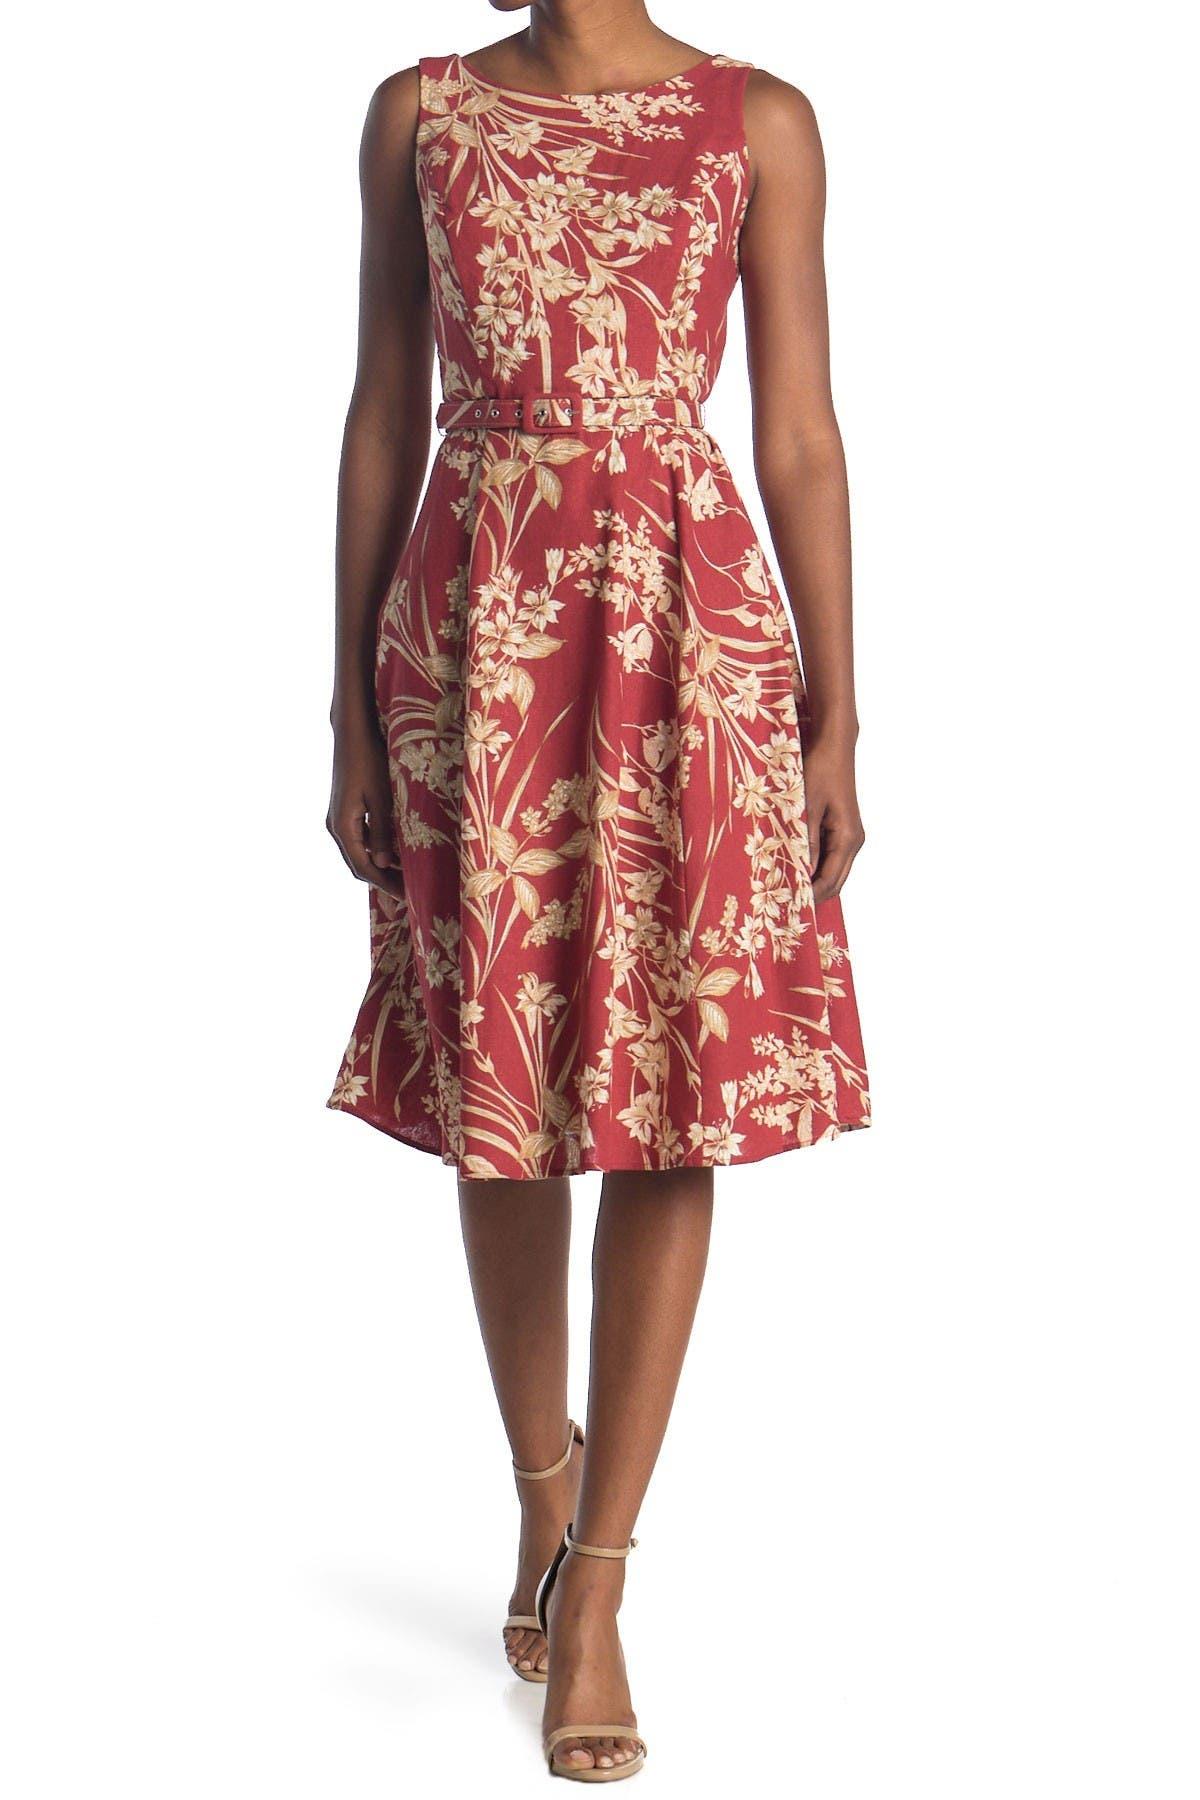 Image of London Times Boatneck Floral Belted Dress